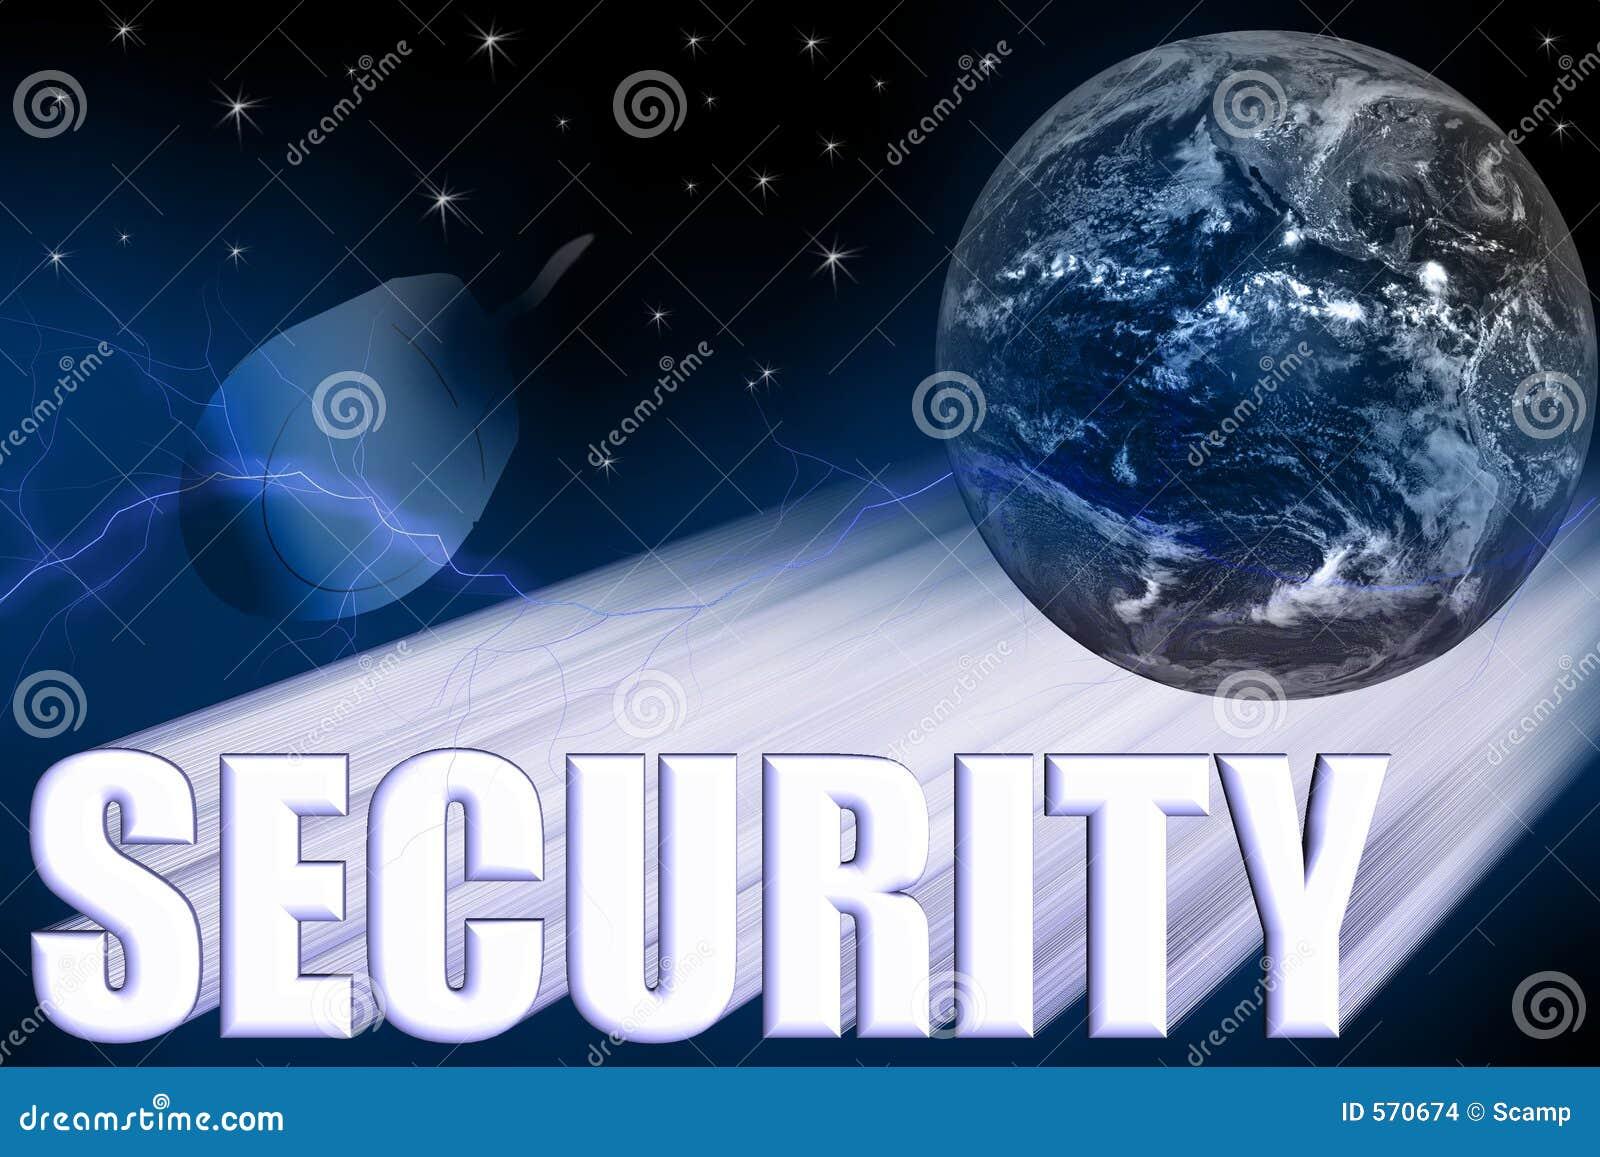 Ilustração 3-D da segurança